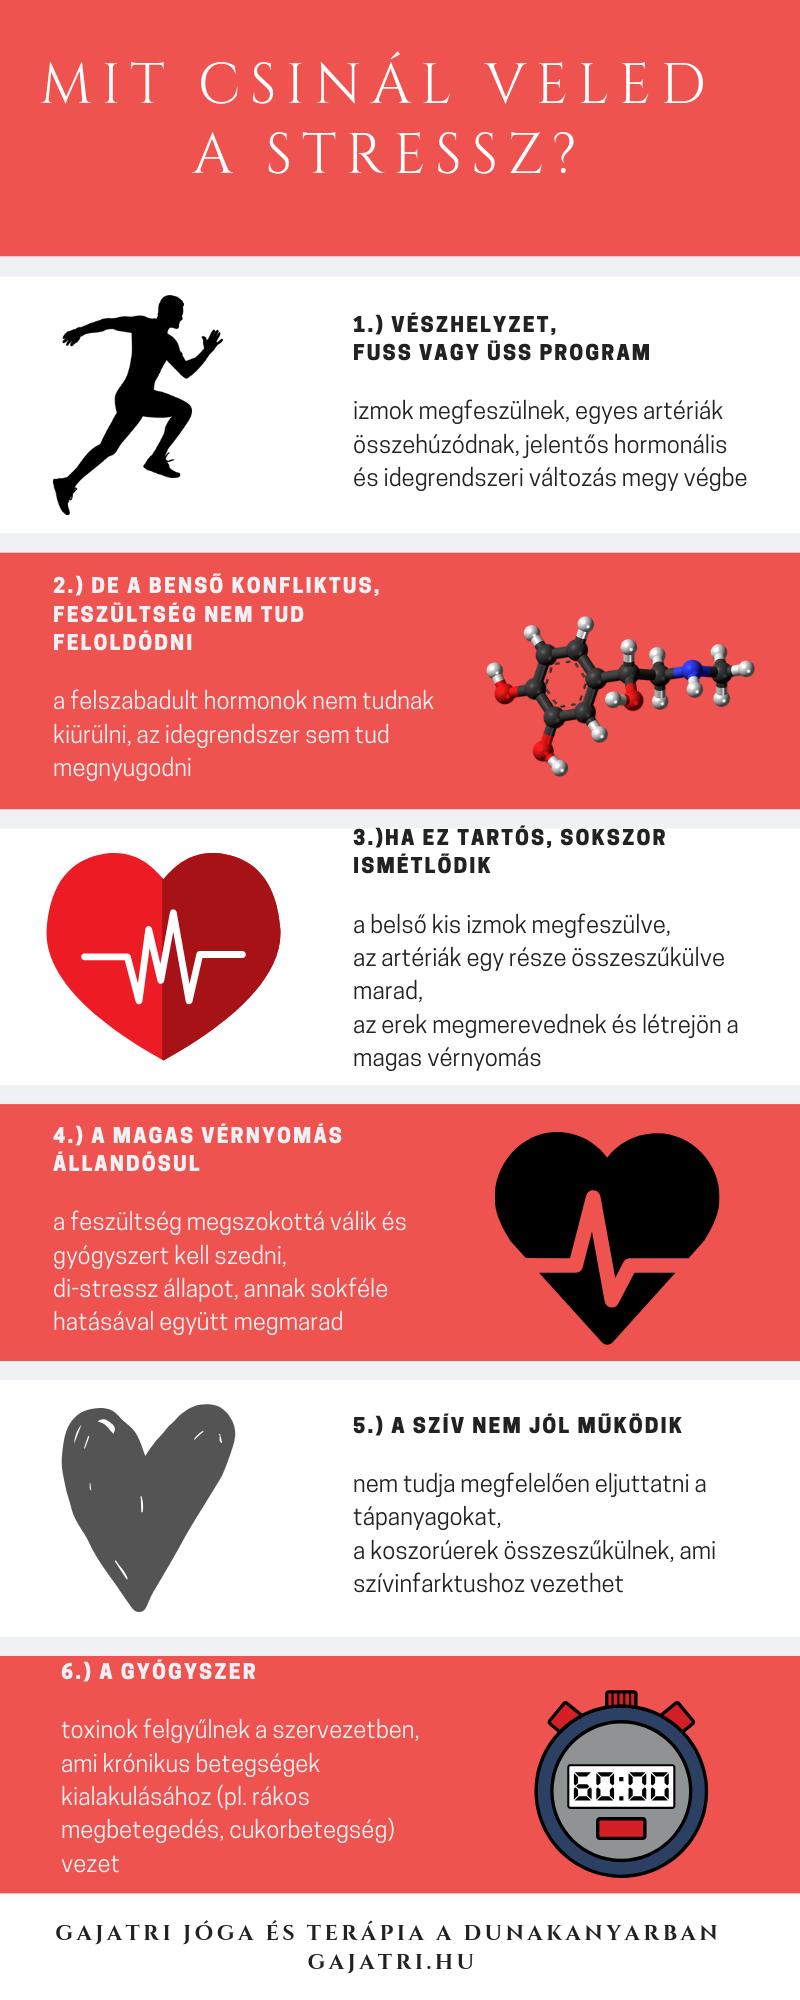 magas vérnyomás woodlice kezelése népi receptek a magas vérnyomás ellen